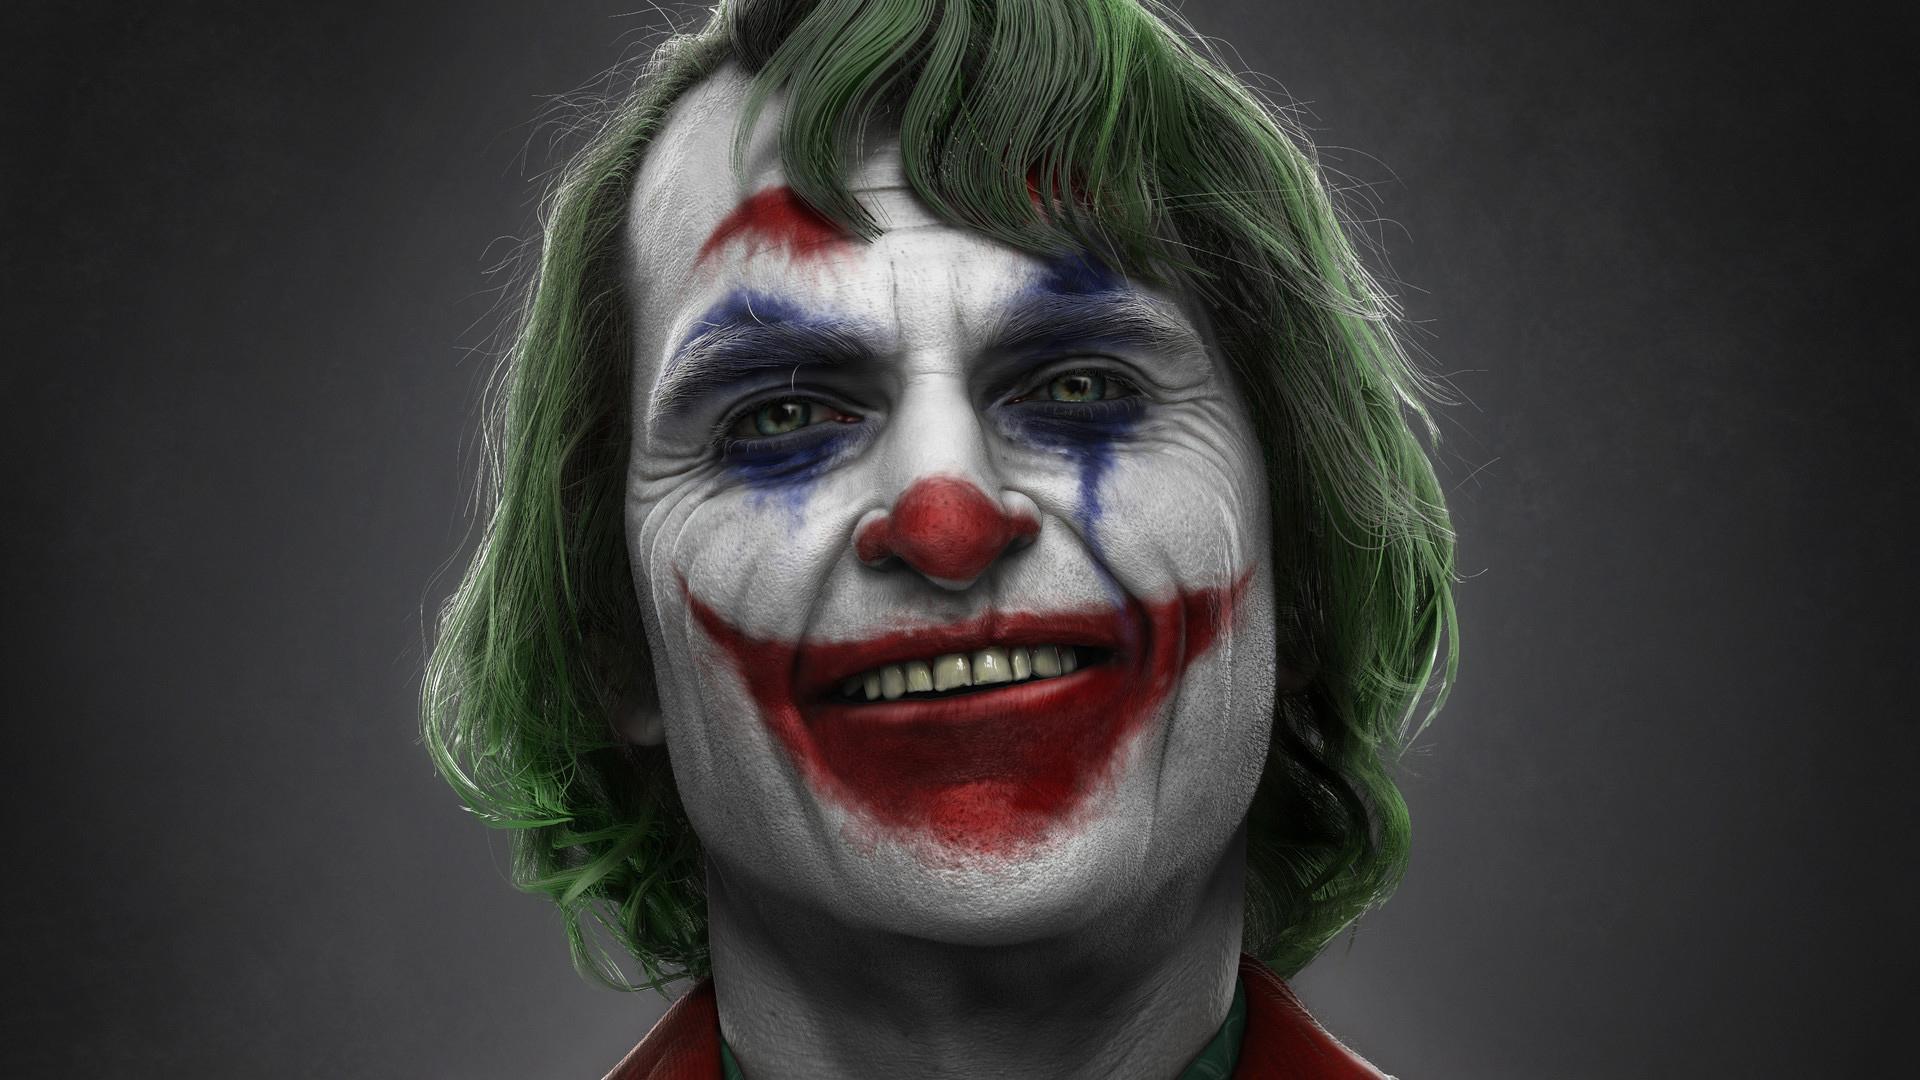 Download S10 Wallpaper Joker Cikimm Com